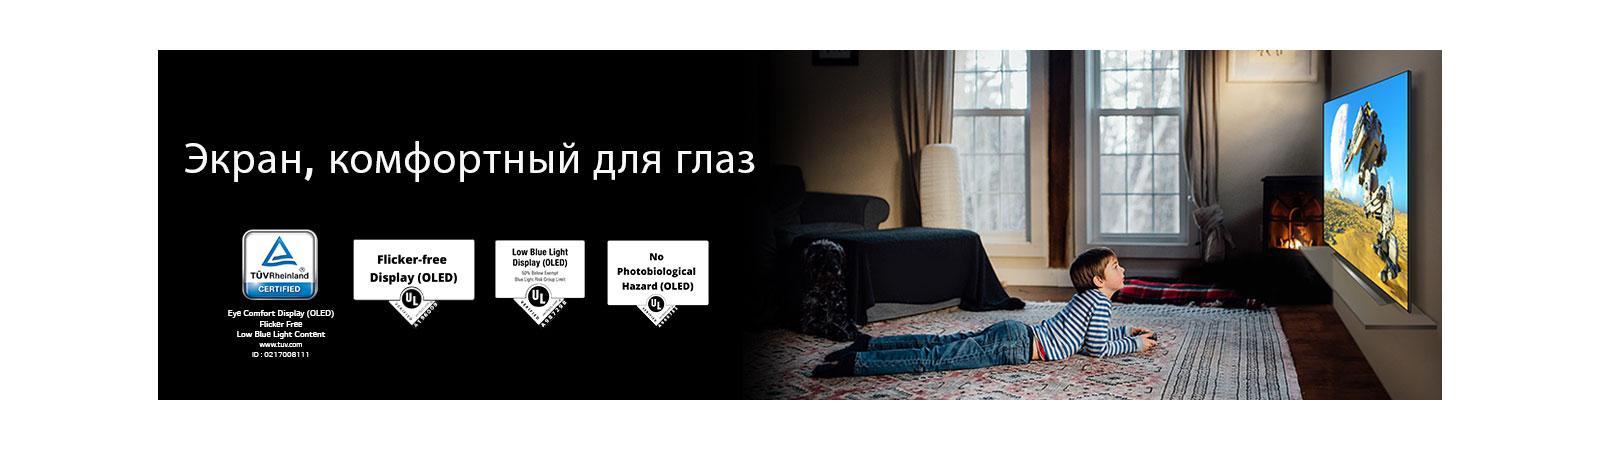 Вид в профиль лежащего мальчика, смотрящего телевизор, с надписью «Экран, комфортный для глаз»